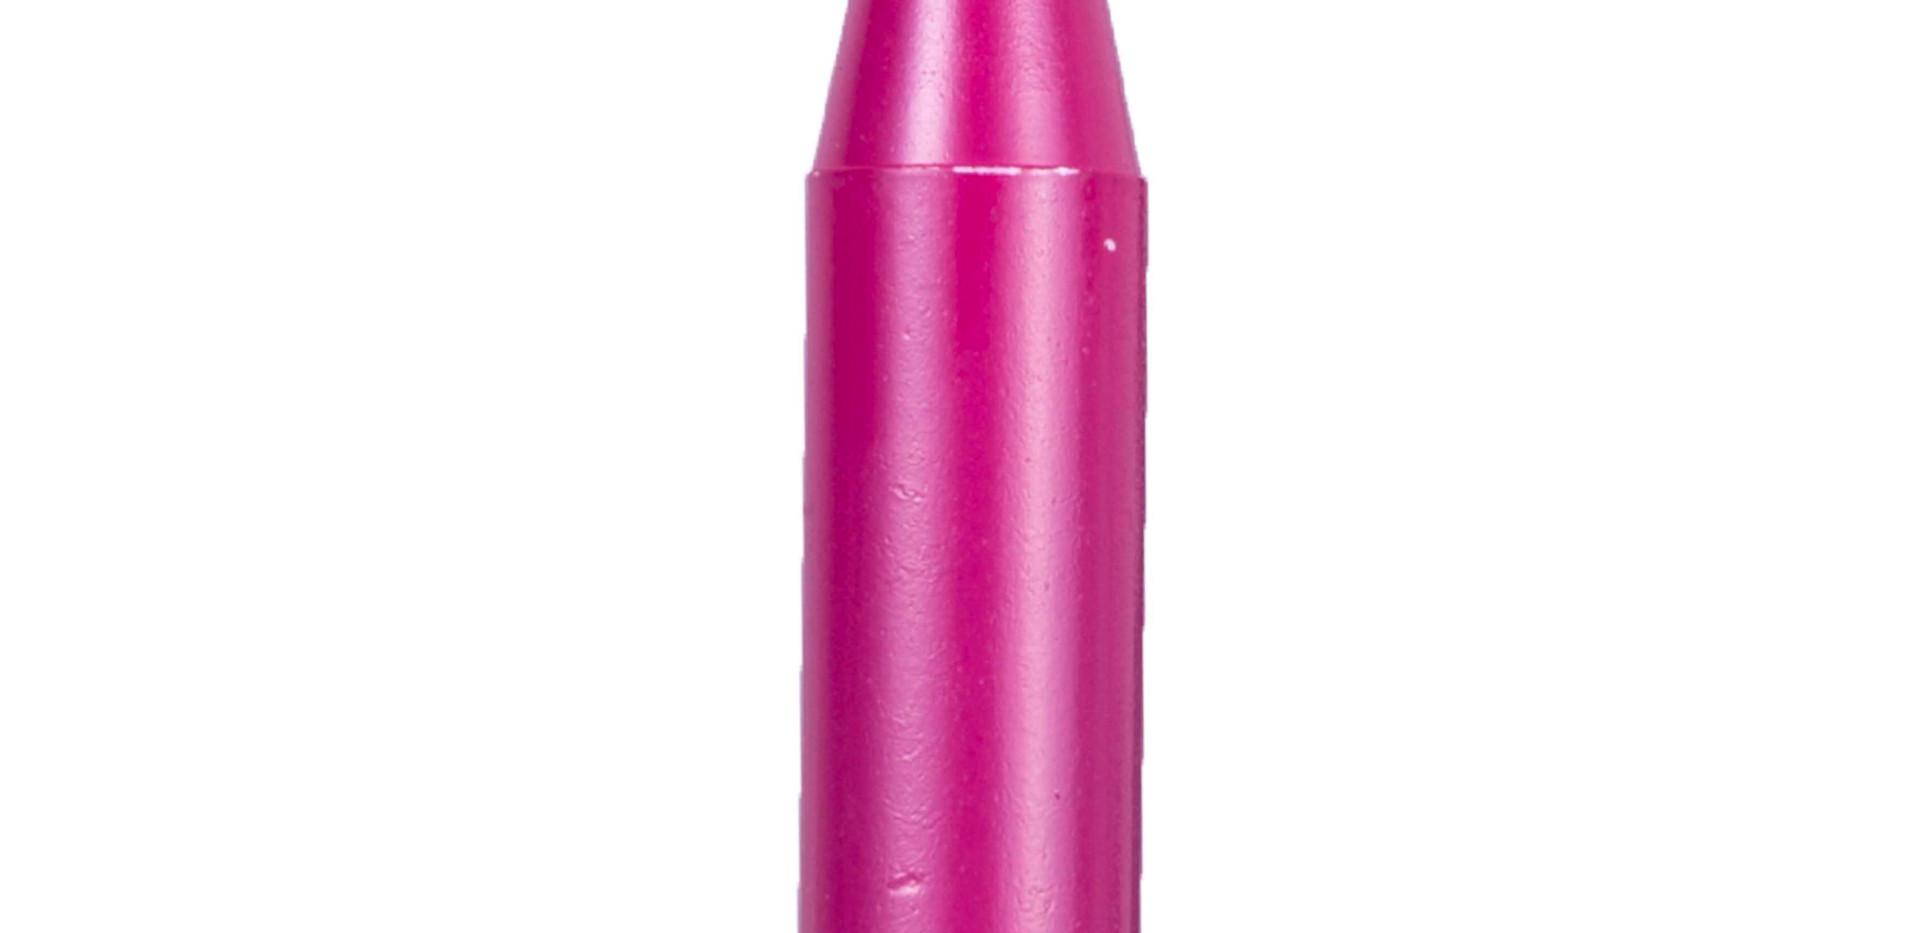 Lápis de Olho Neon Dapop - HB98007 (cor 7)